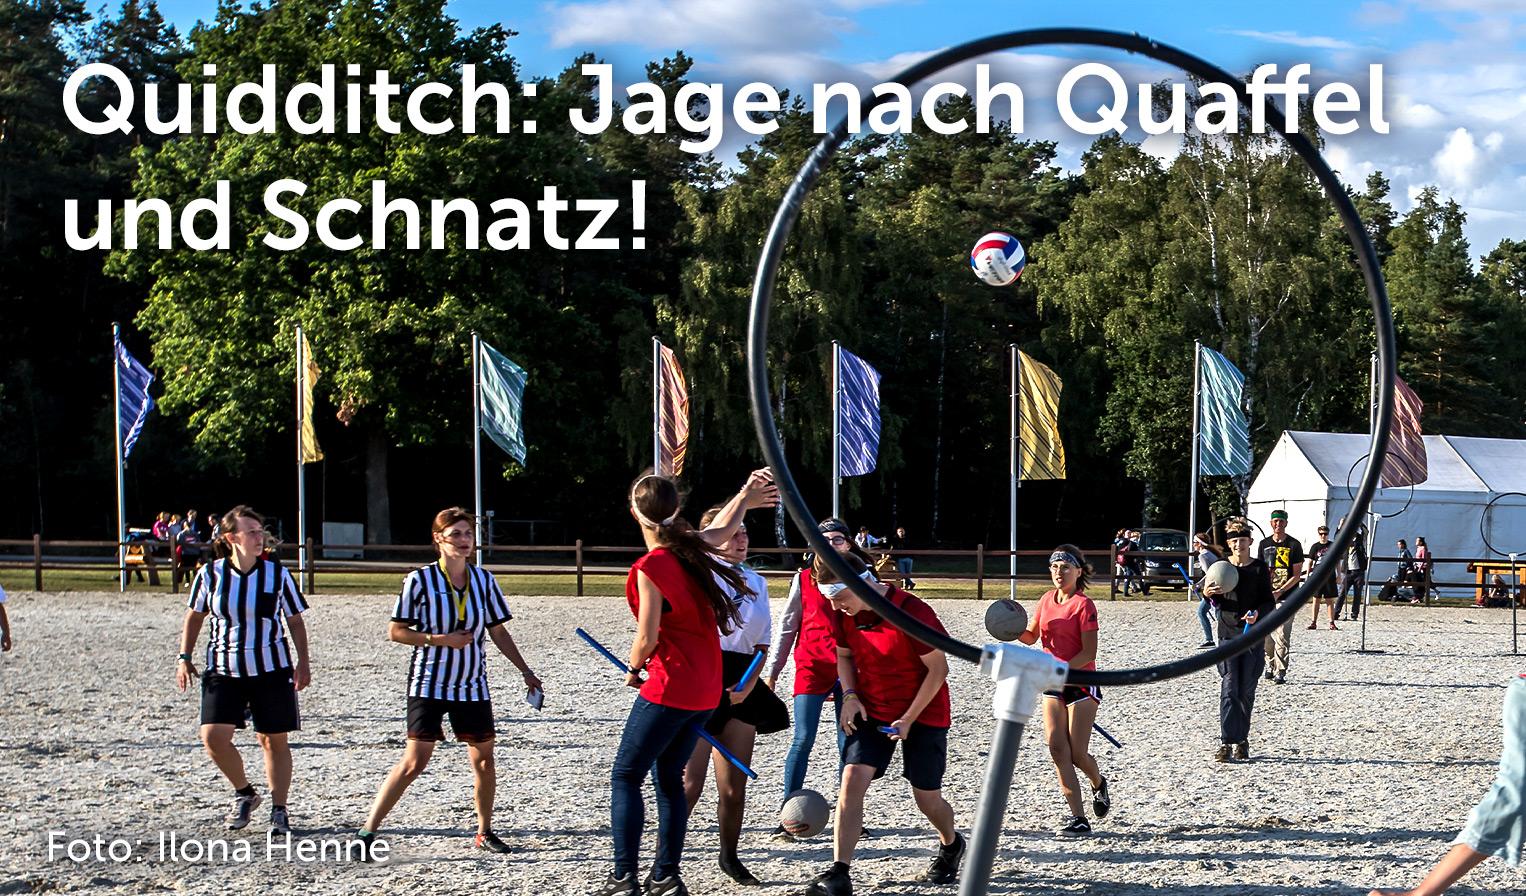 Quidditch, Foto: Ilona Henne